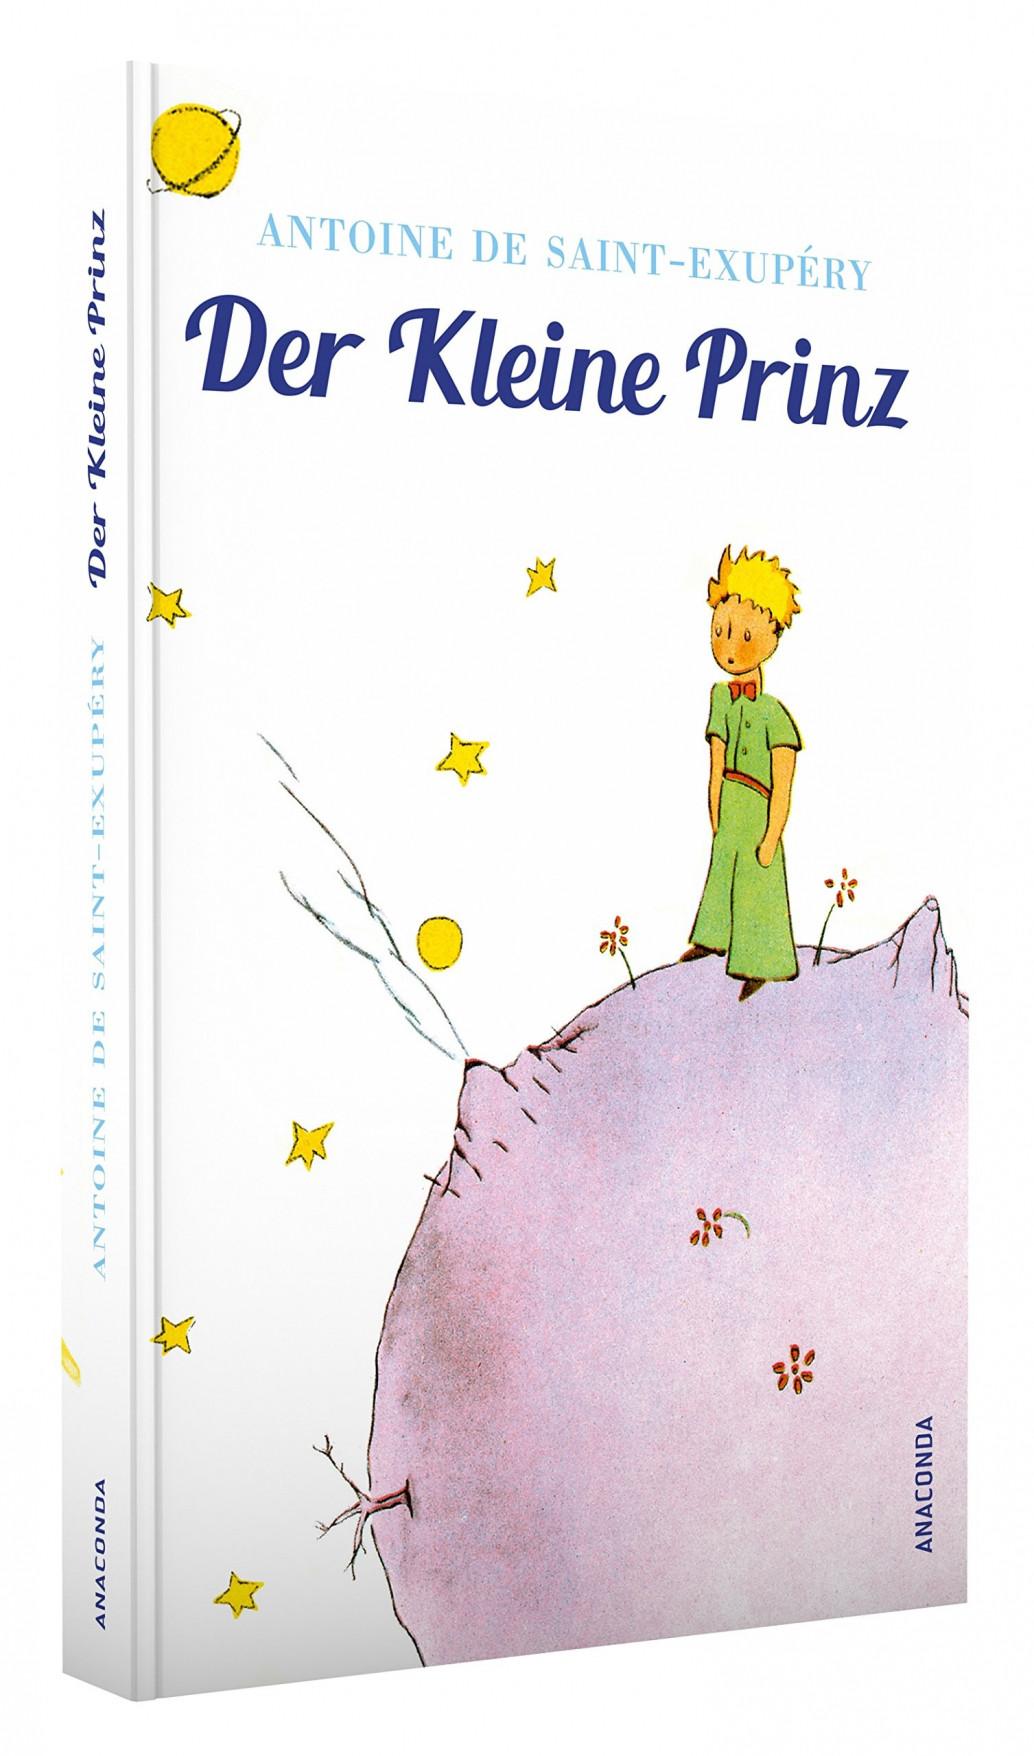 Der Kleine Prinz Hochzeit  Der Kleine Prinz Sprüche Bild Das Wirklich Luxus – Zonu